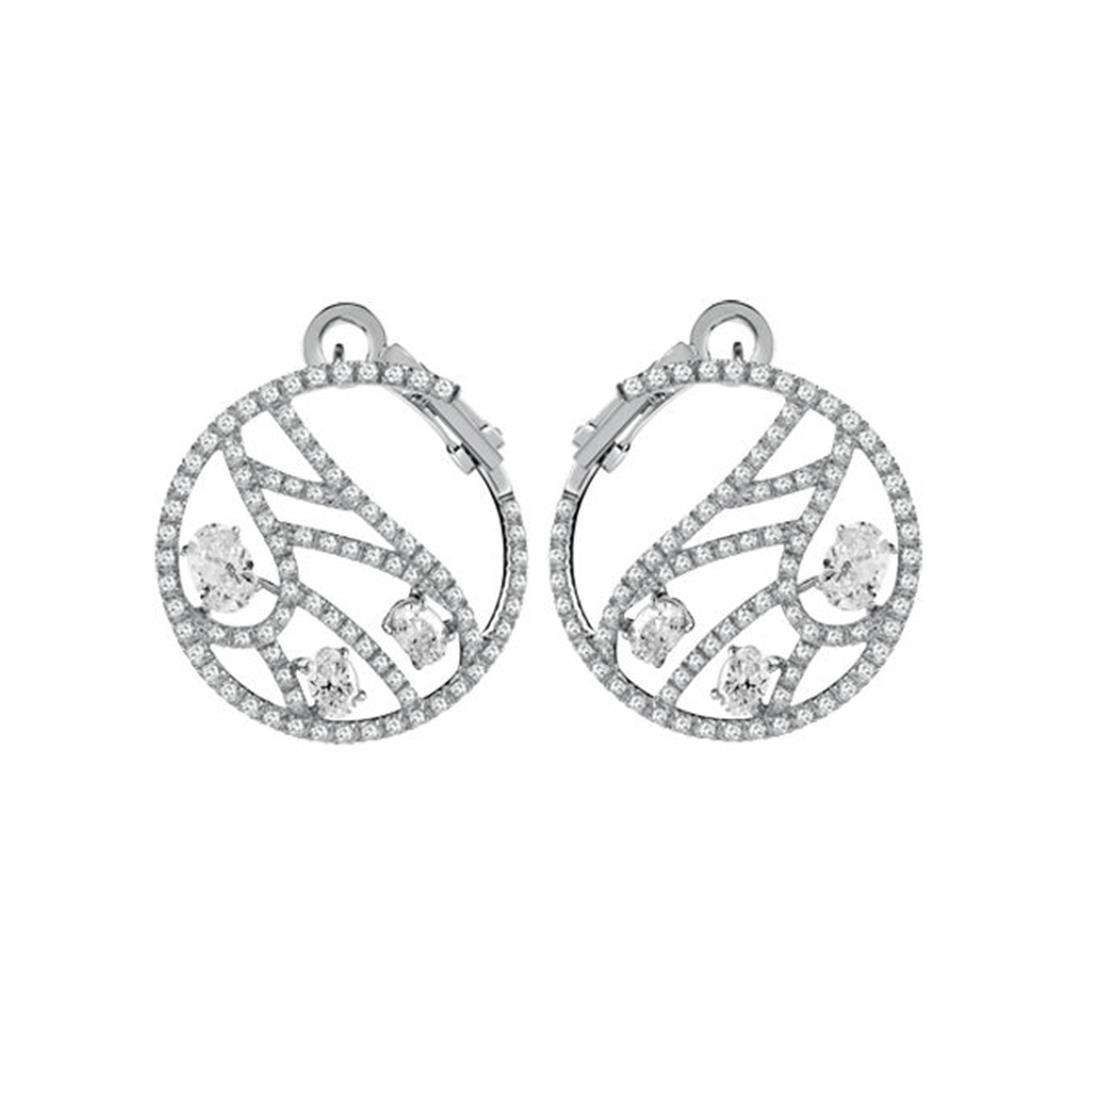 Orecchini in oro bianco con diamanti - DAMIANI